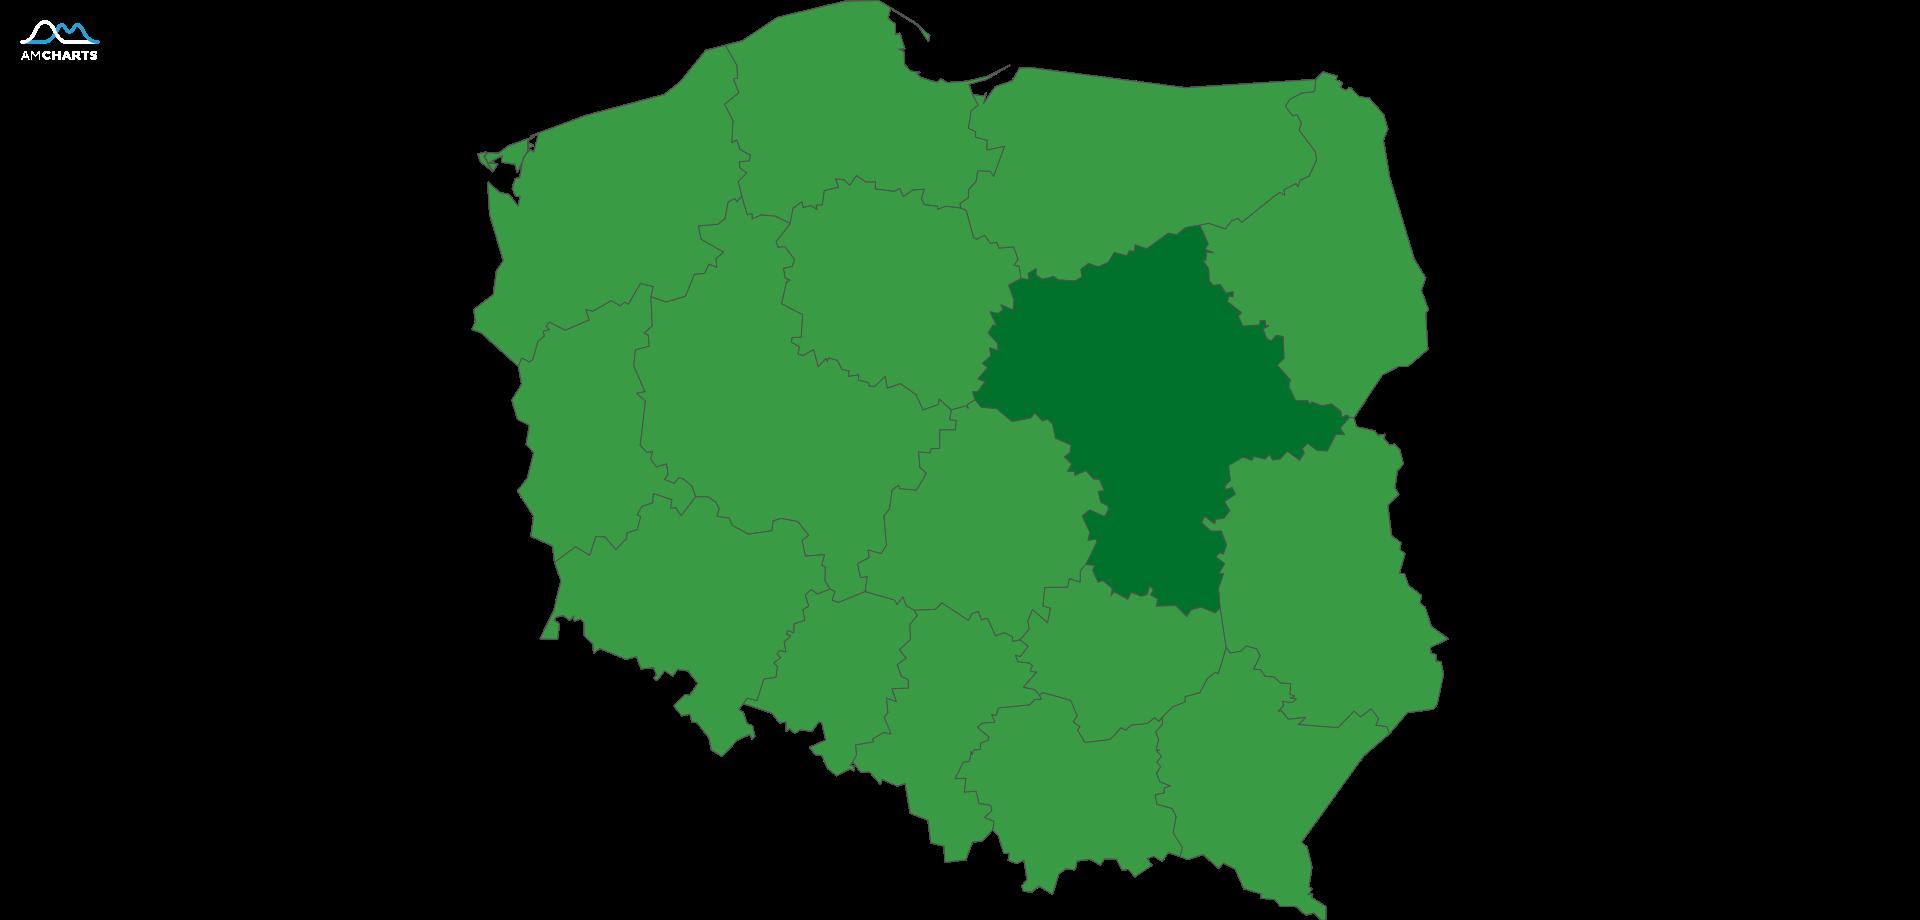 mapa wojewodztwo mazowieckie